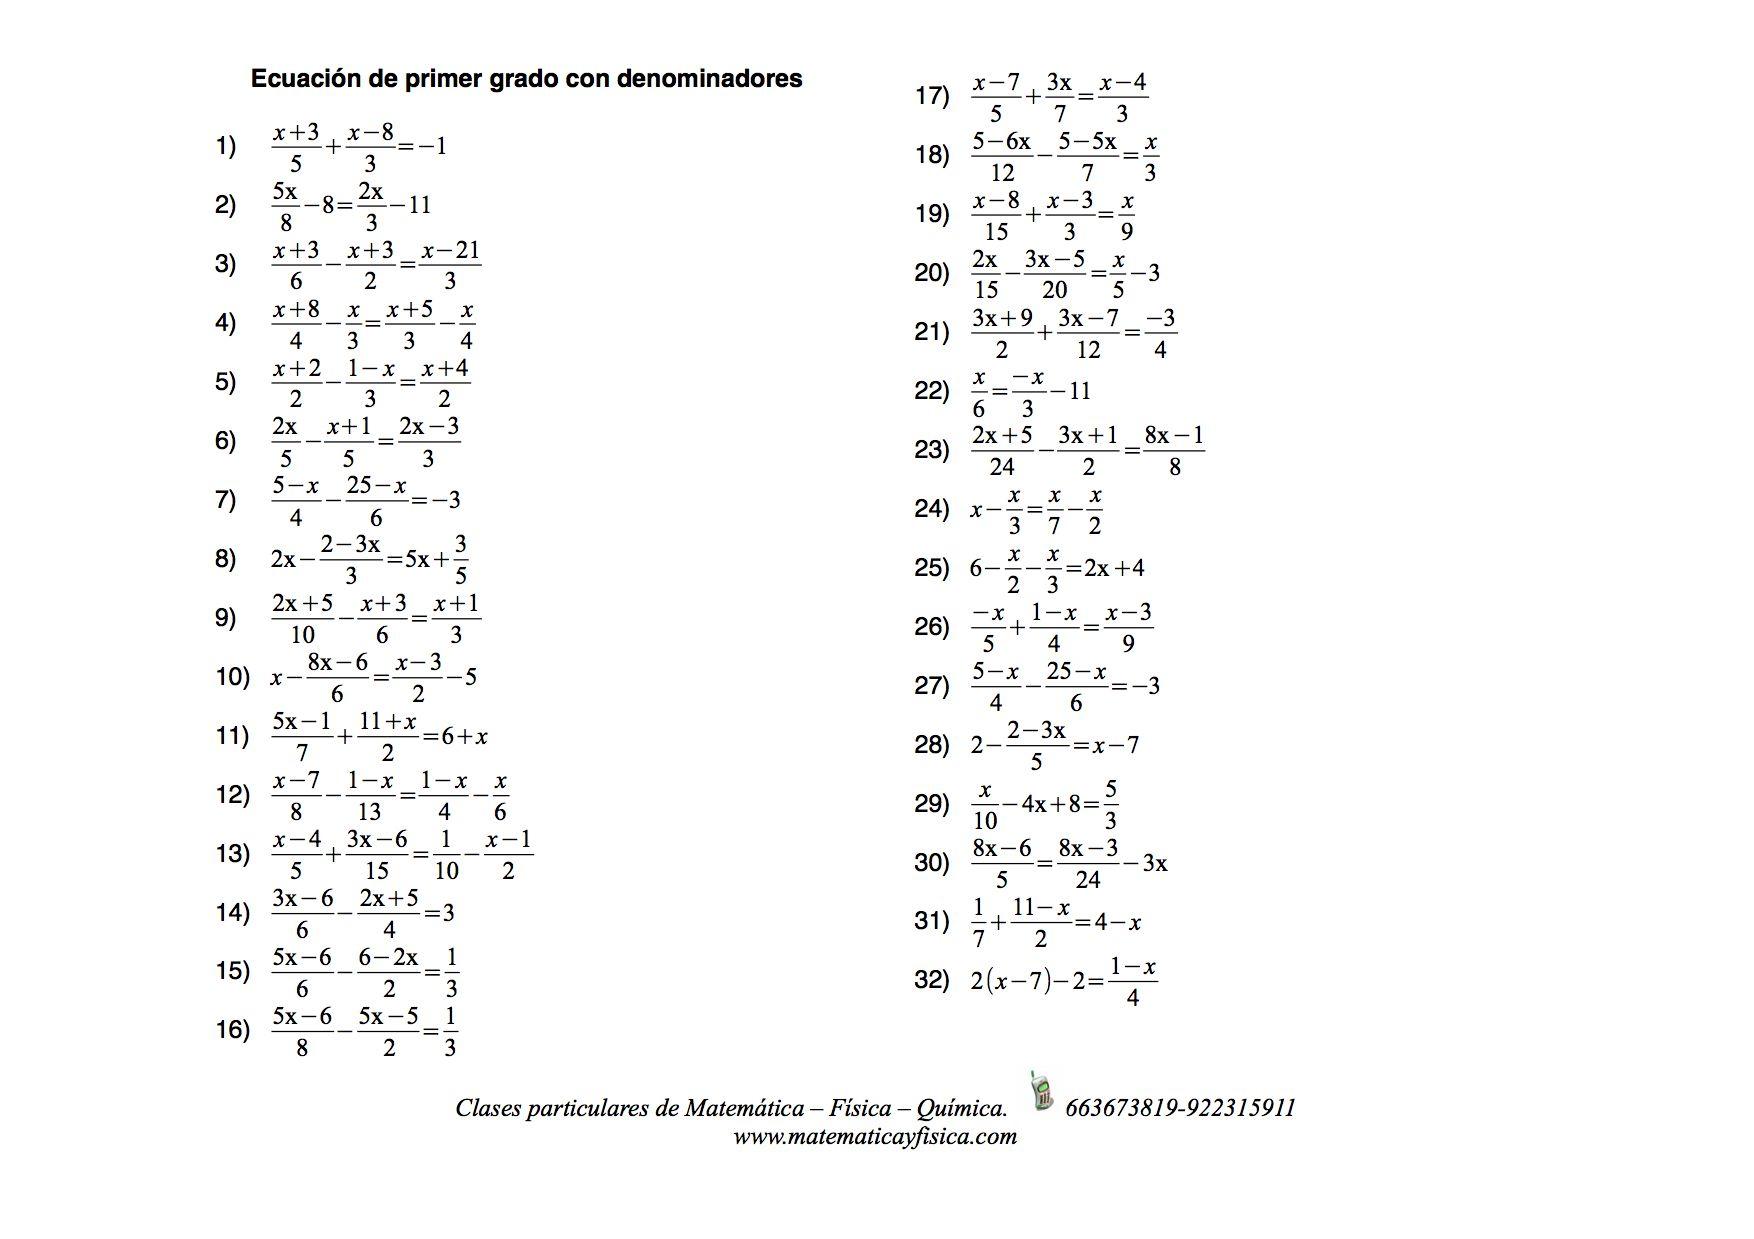 Ejercicios Propuestos De Ecuaciones De Primer Grado Con